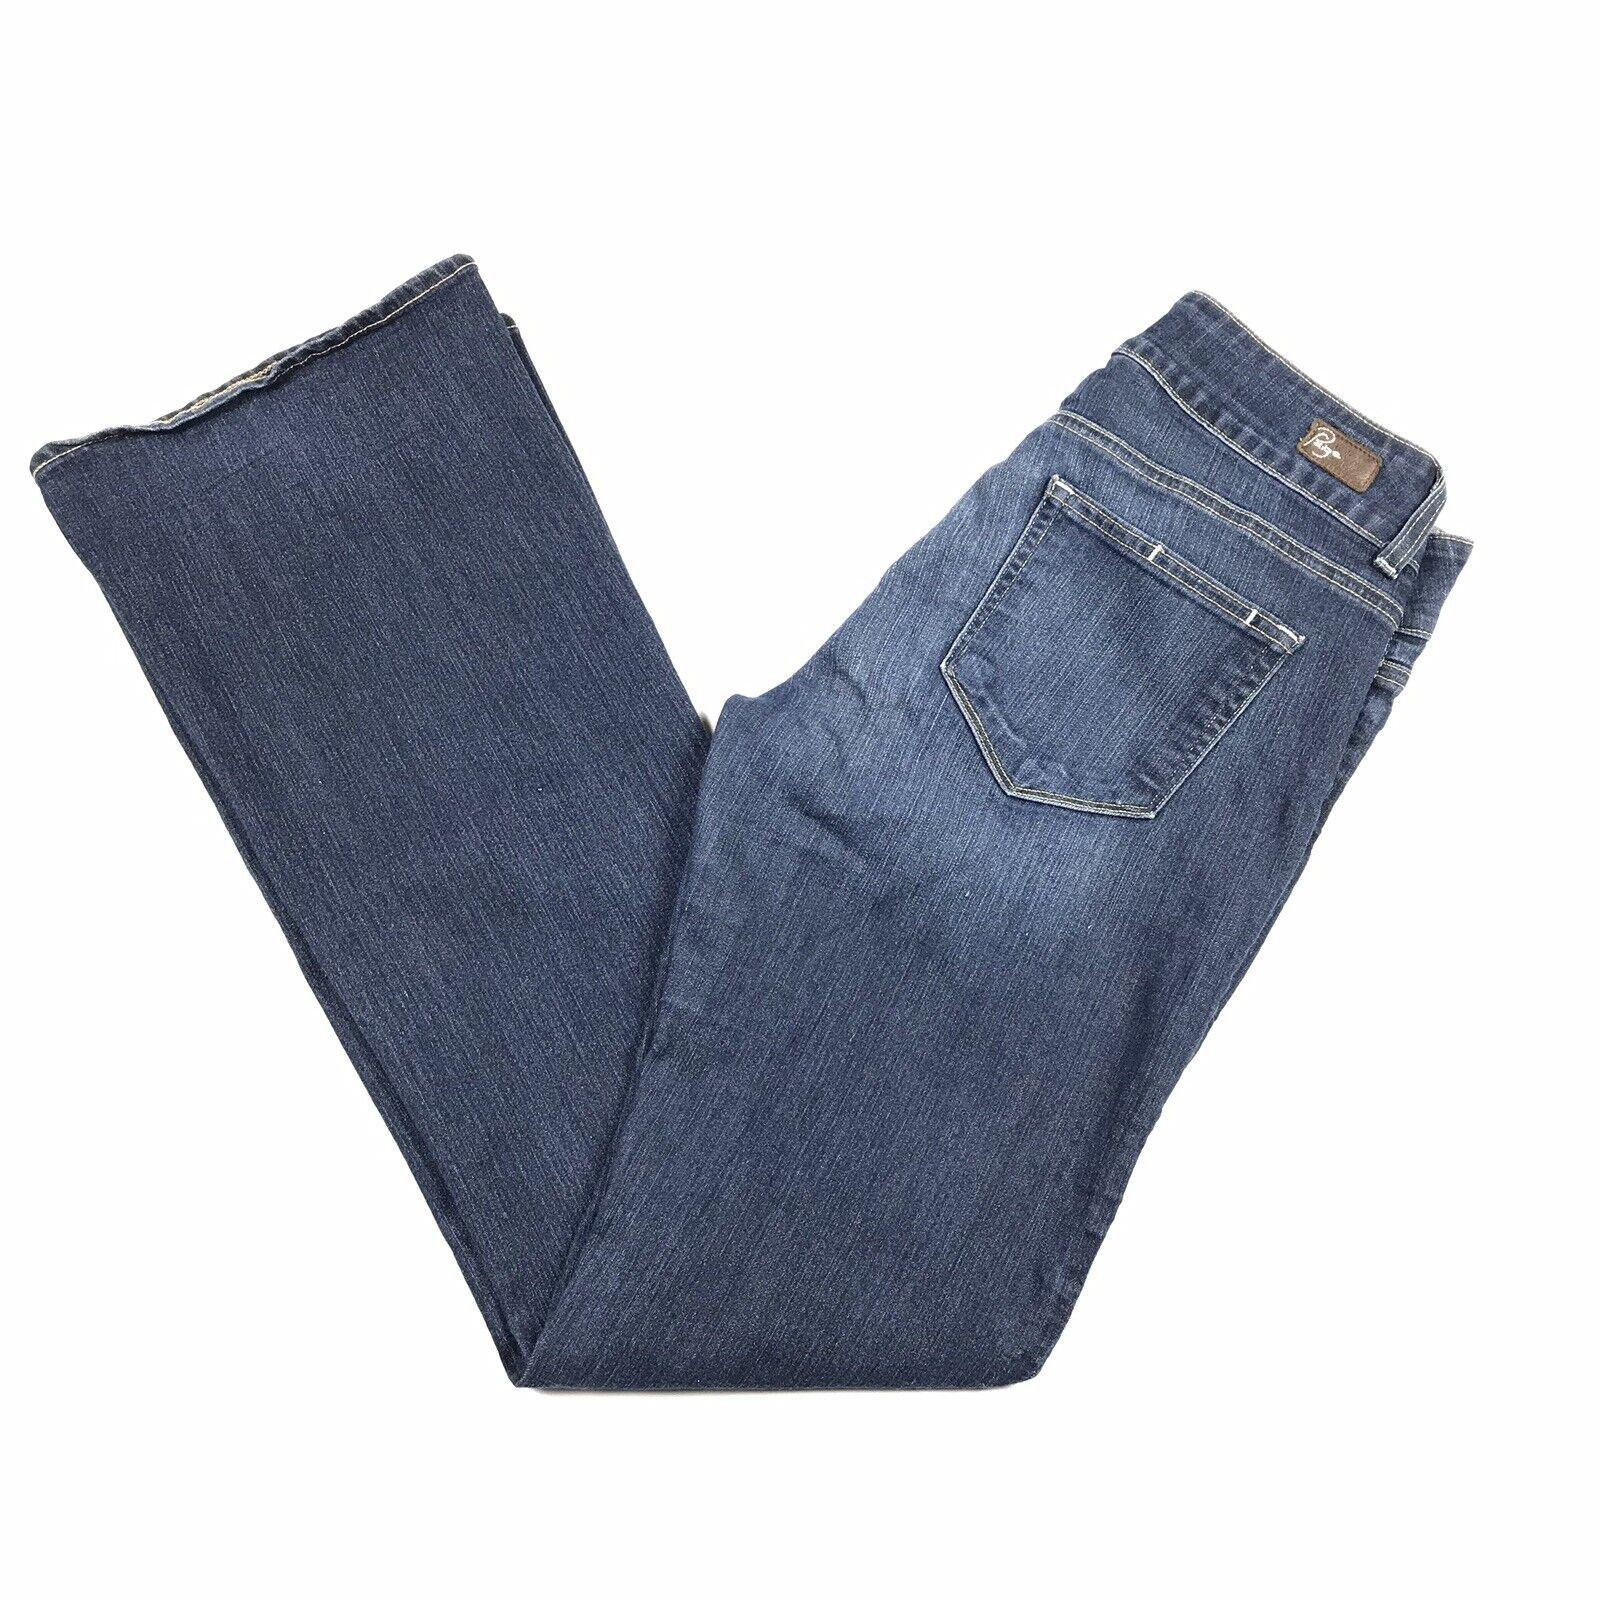 Paige Women's H.H. Hidden Hills Dark Wash Stretch Denim Boot Cut Jeans Size 30